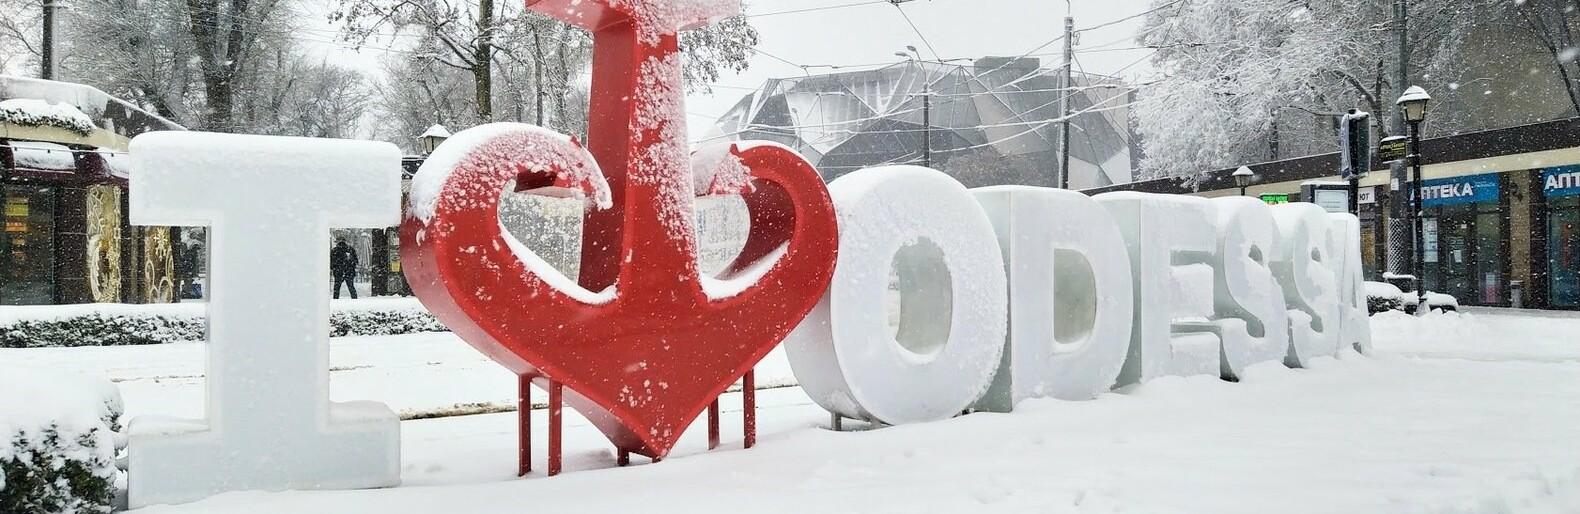 Одессу снова накроет обильный снегопад, шторм, дожди и мороз: погод...0